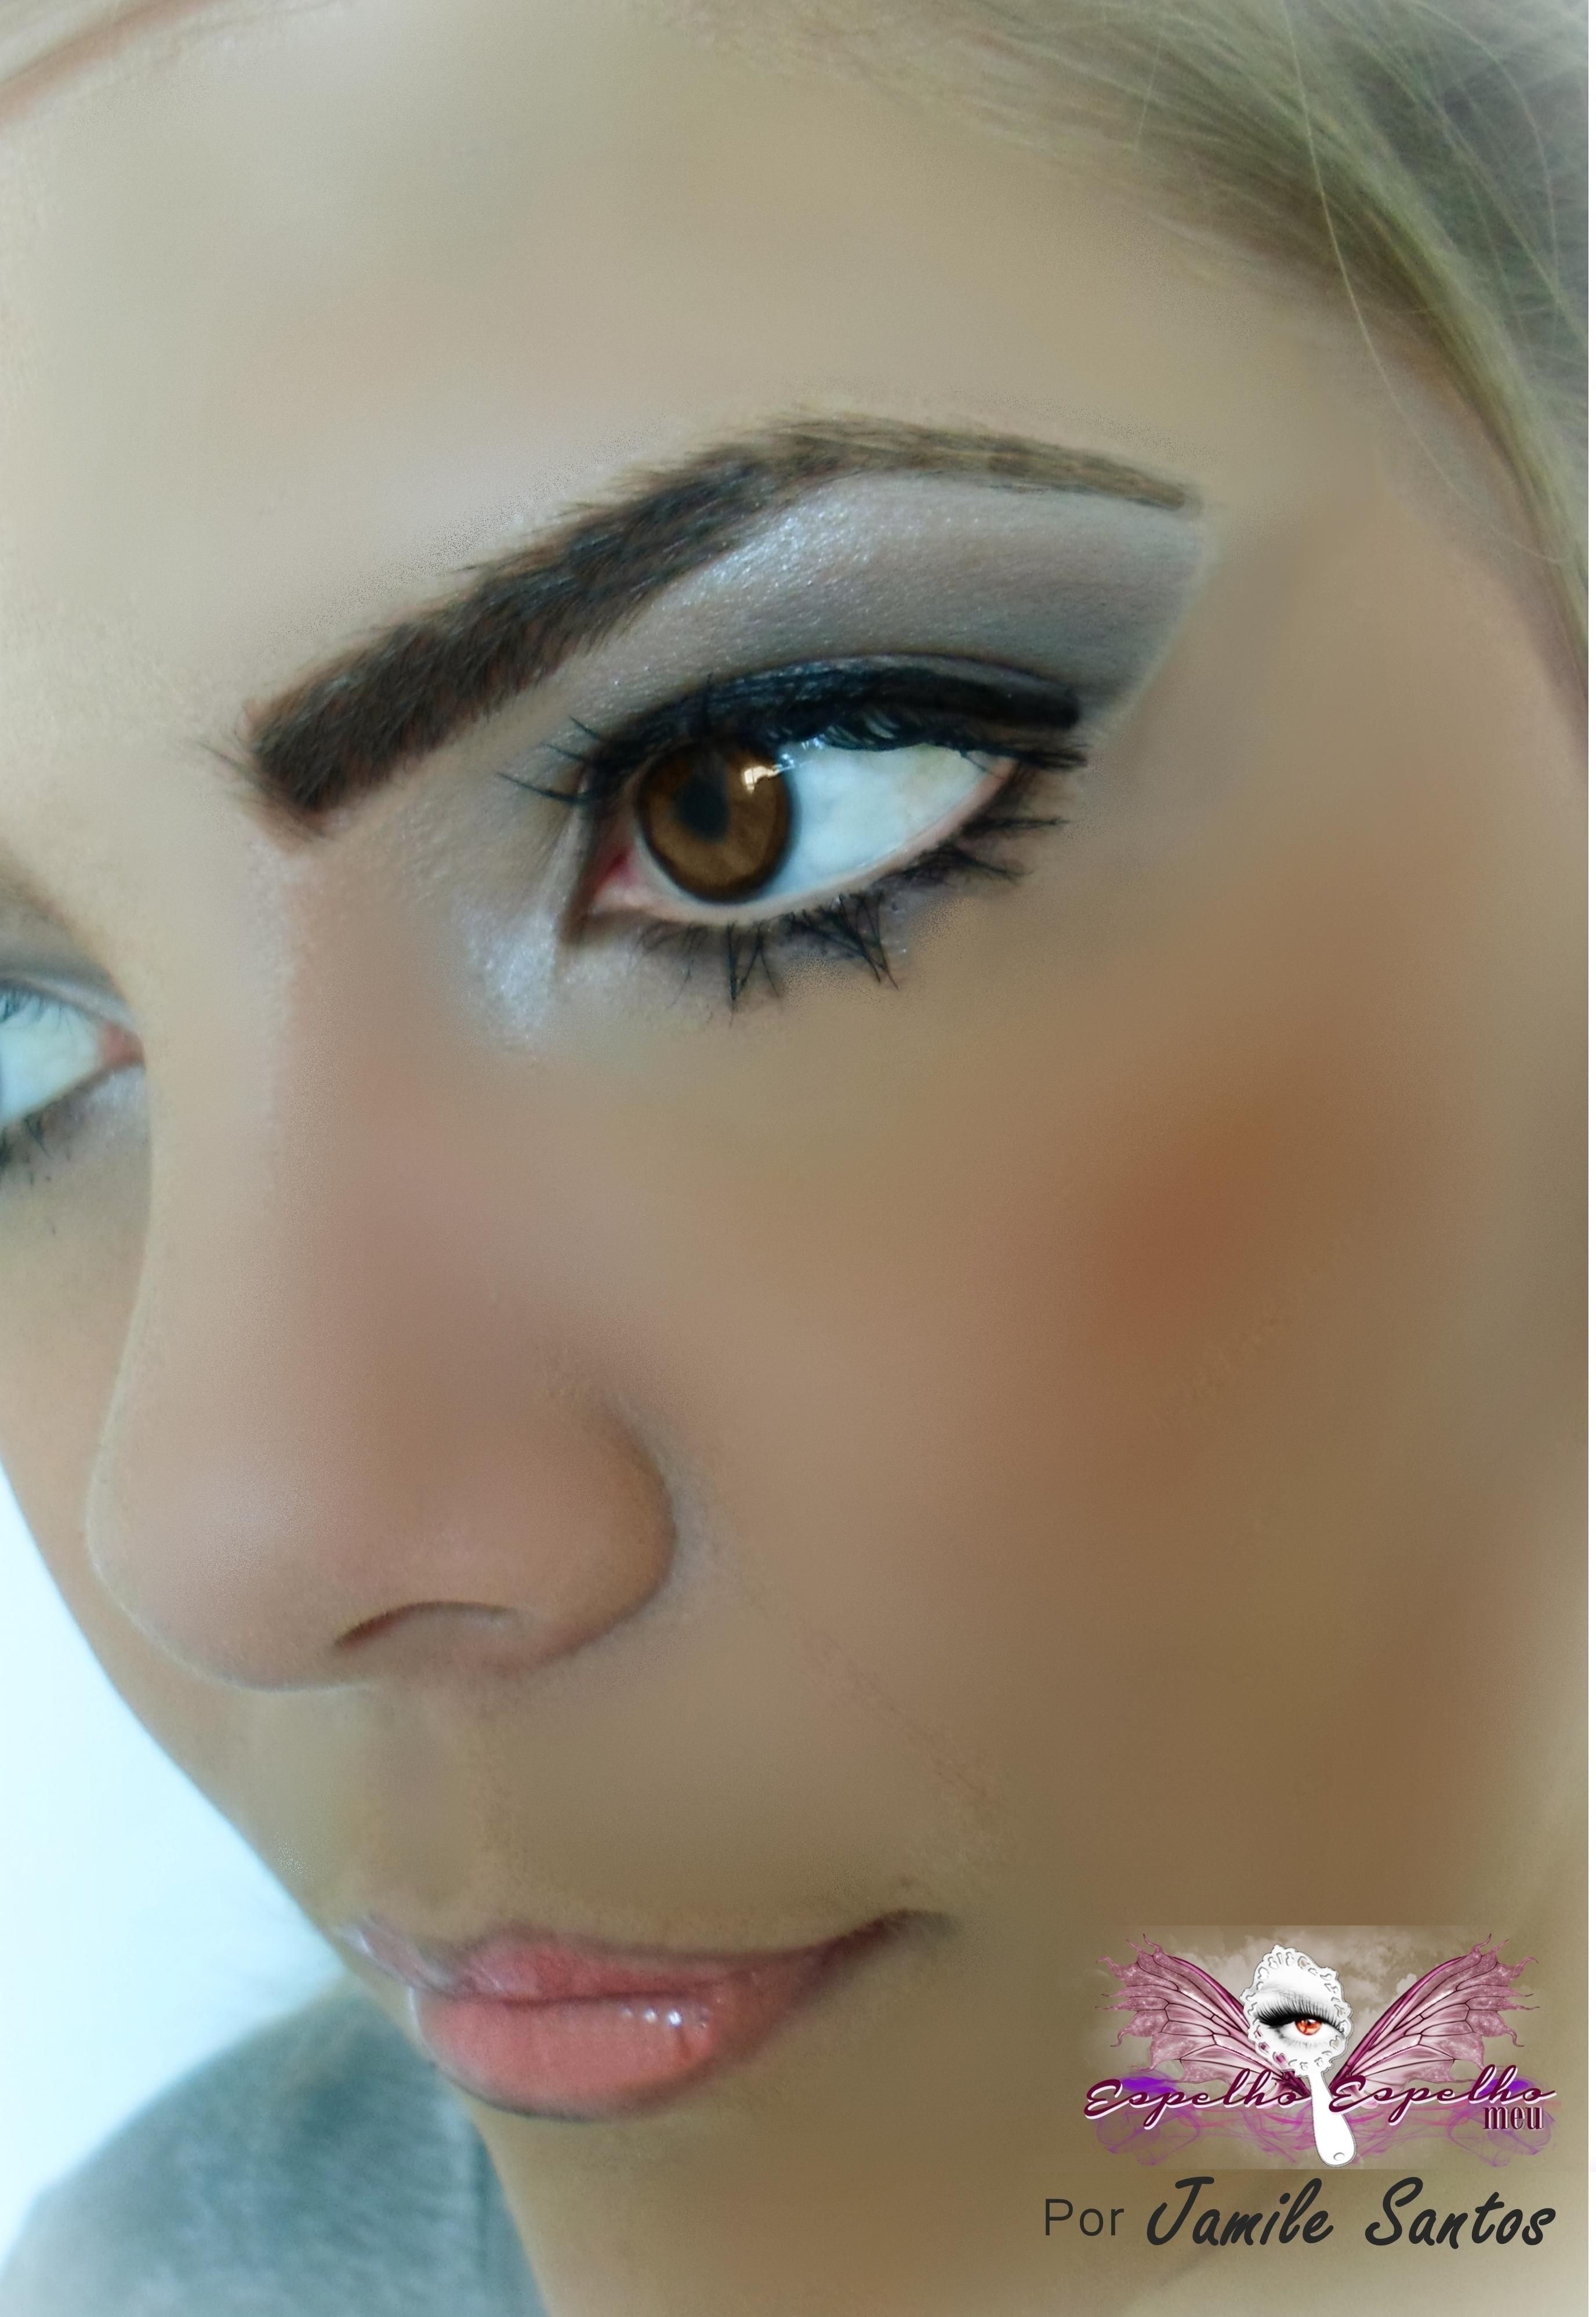 maquiador(a) depilador(a) cabeleireiro(a) designer de sobrancelhas esteticista